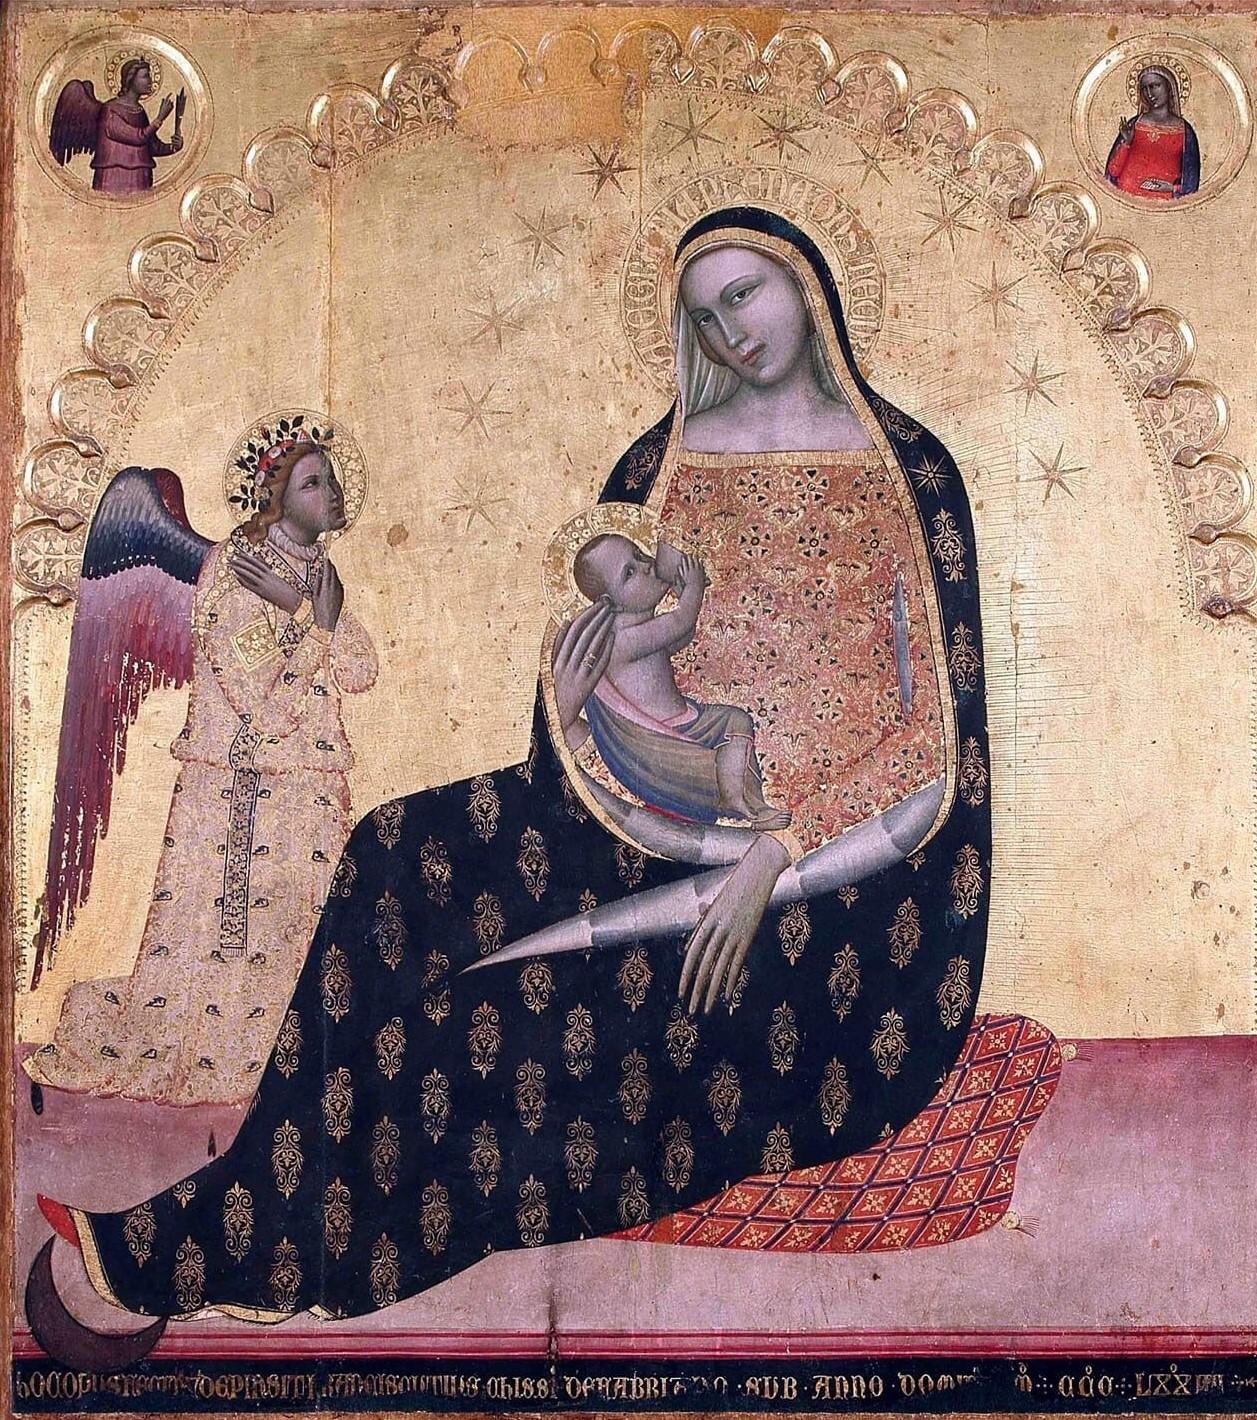 1374 Francescuccio Ghissi Chiesa di Sant'Andrea Montegiorgio